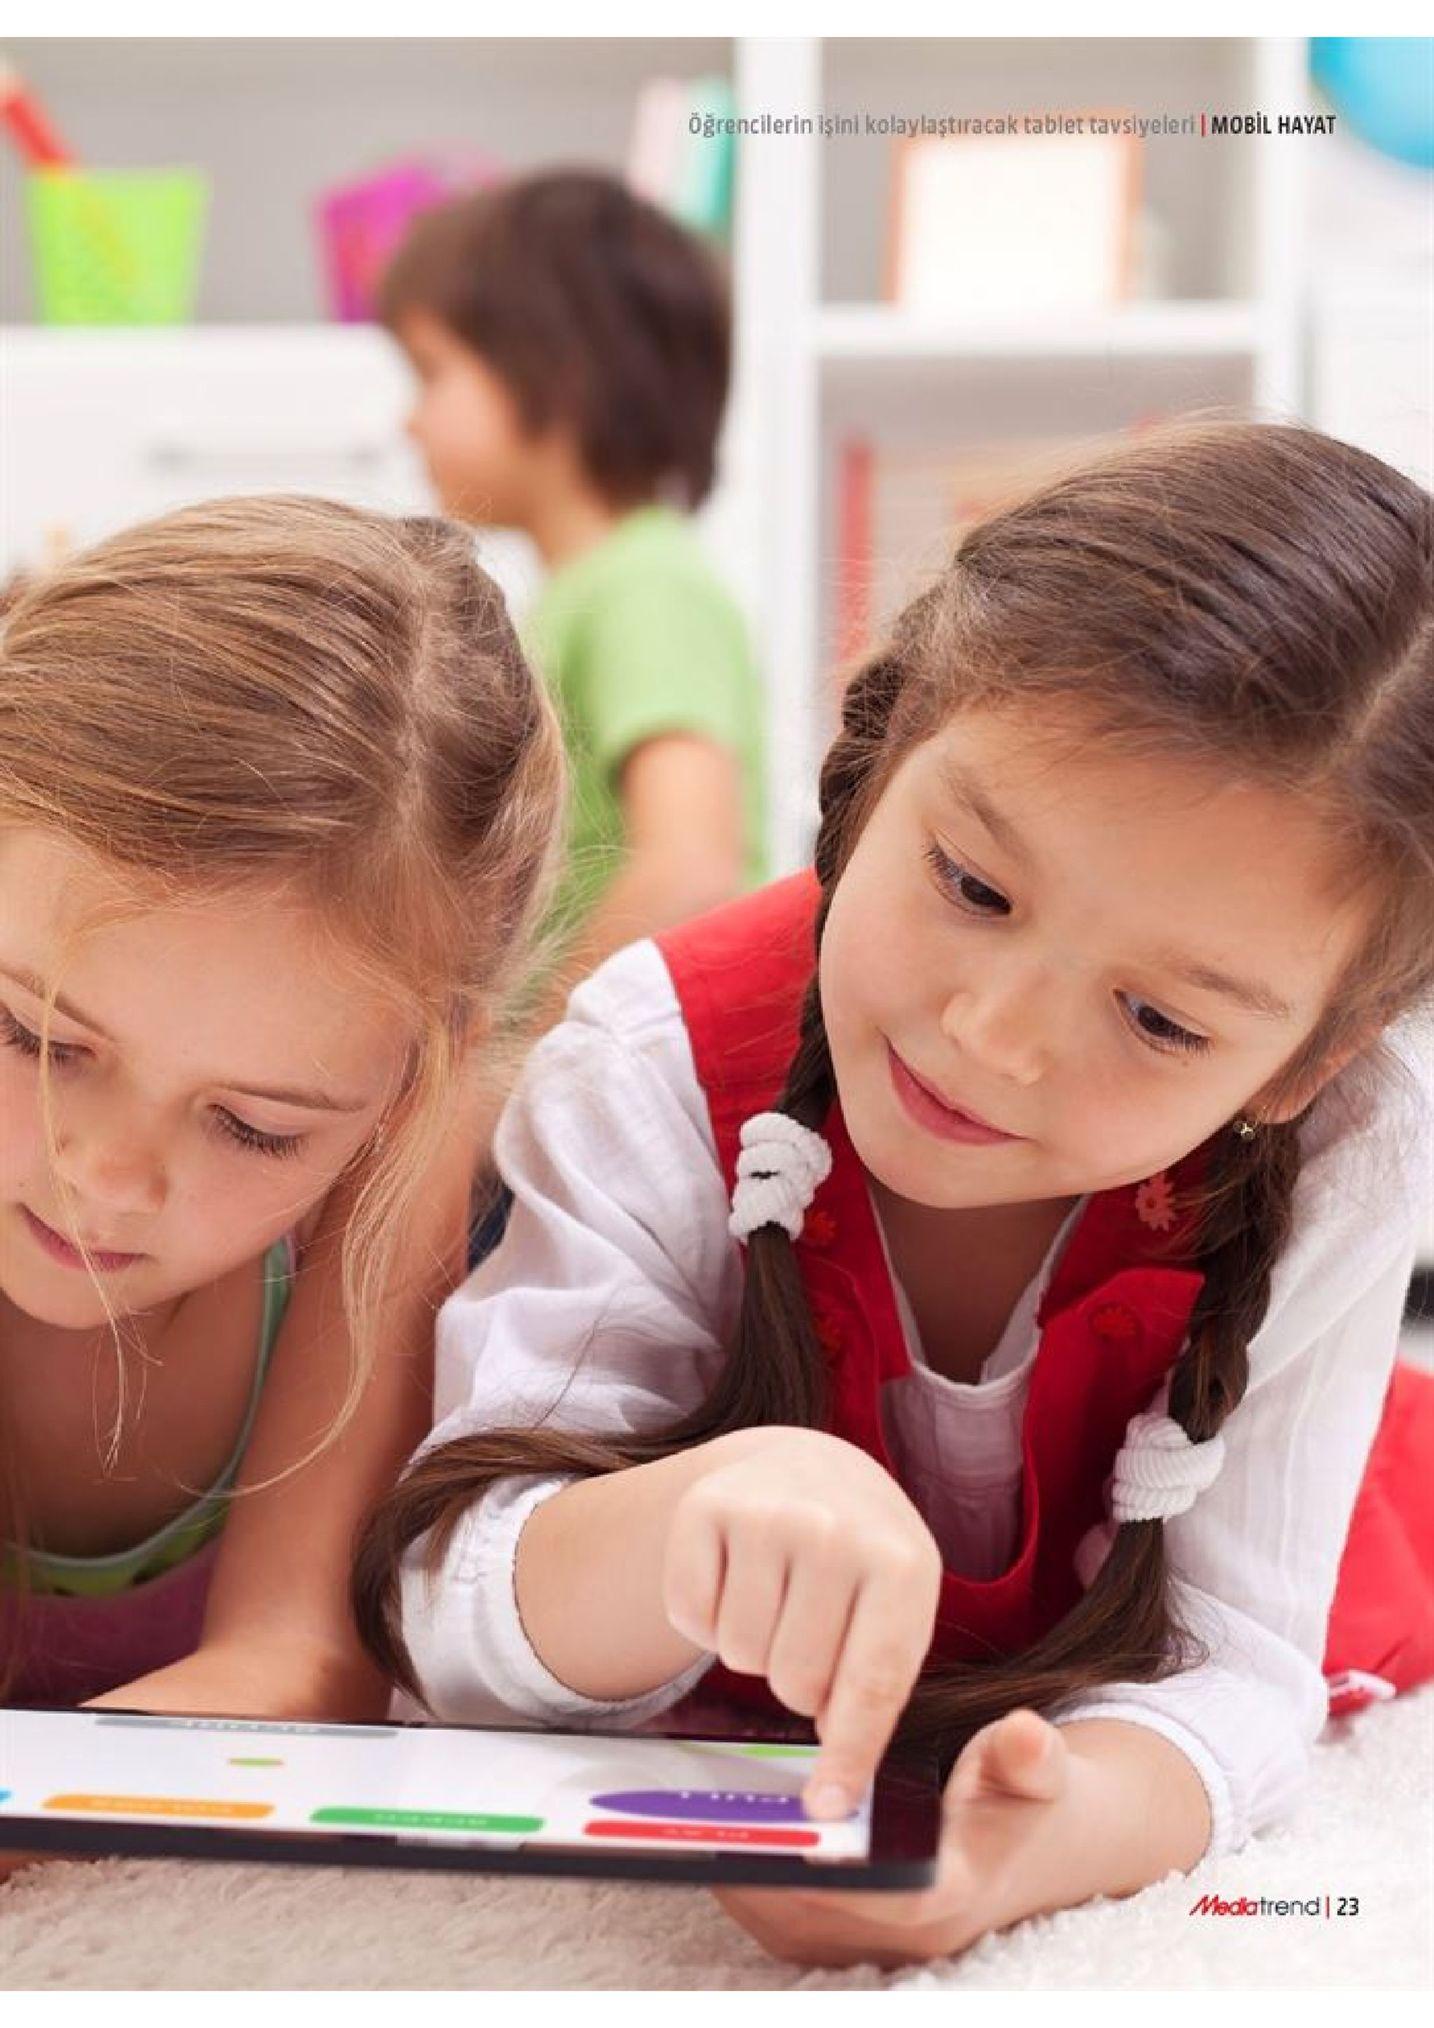 öğrencilerin isini kolaylaştıracak tablet tavslyeleri mobil hayat madiatrend 23